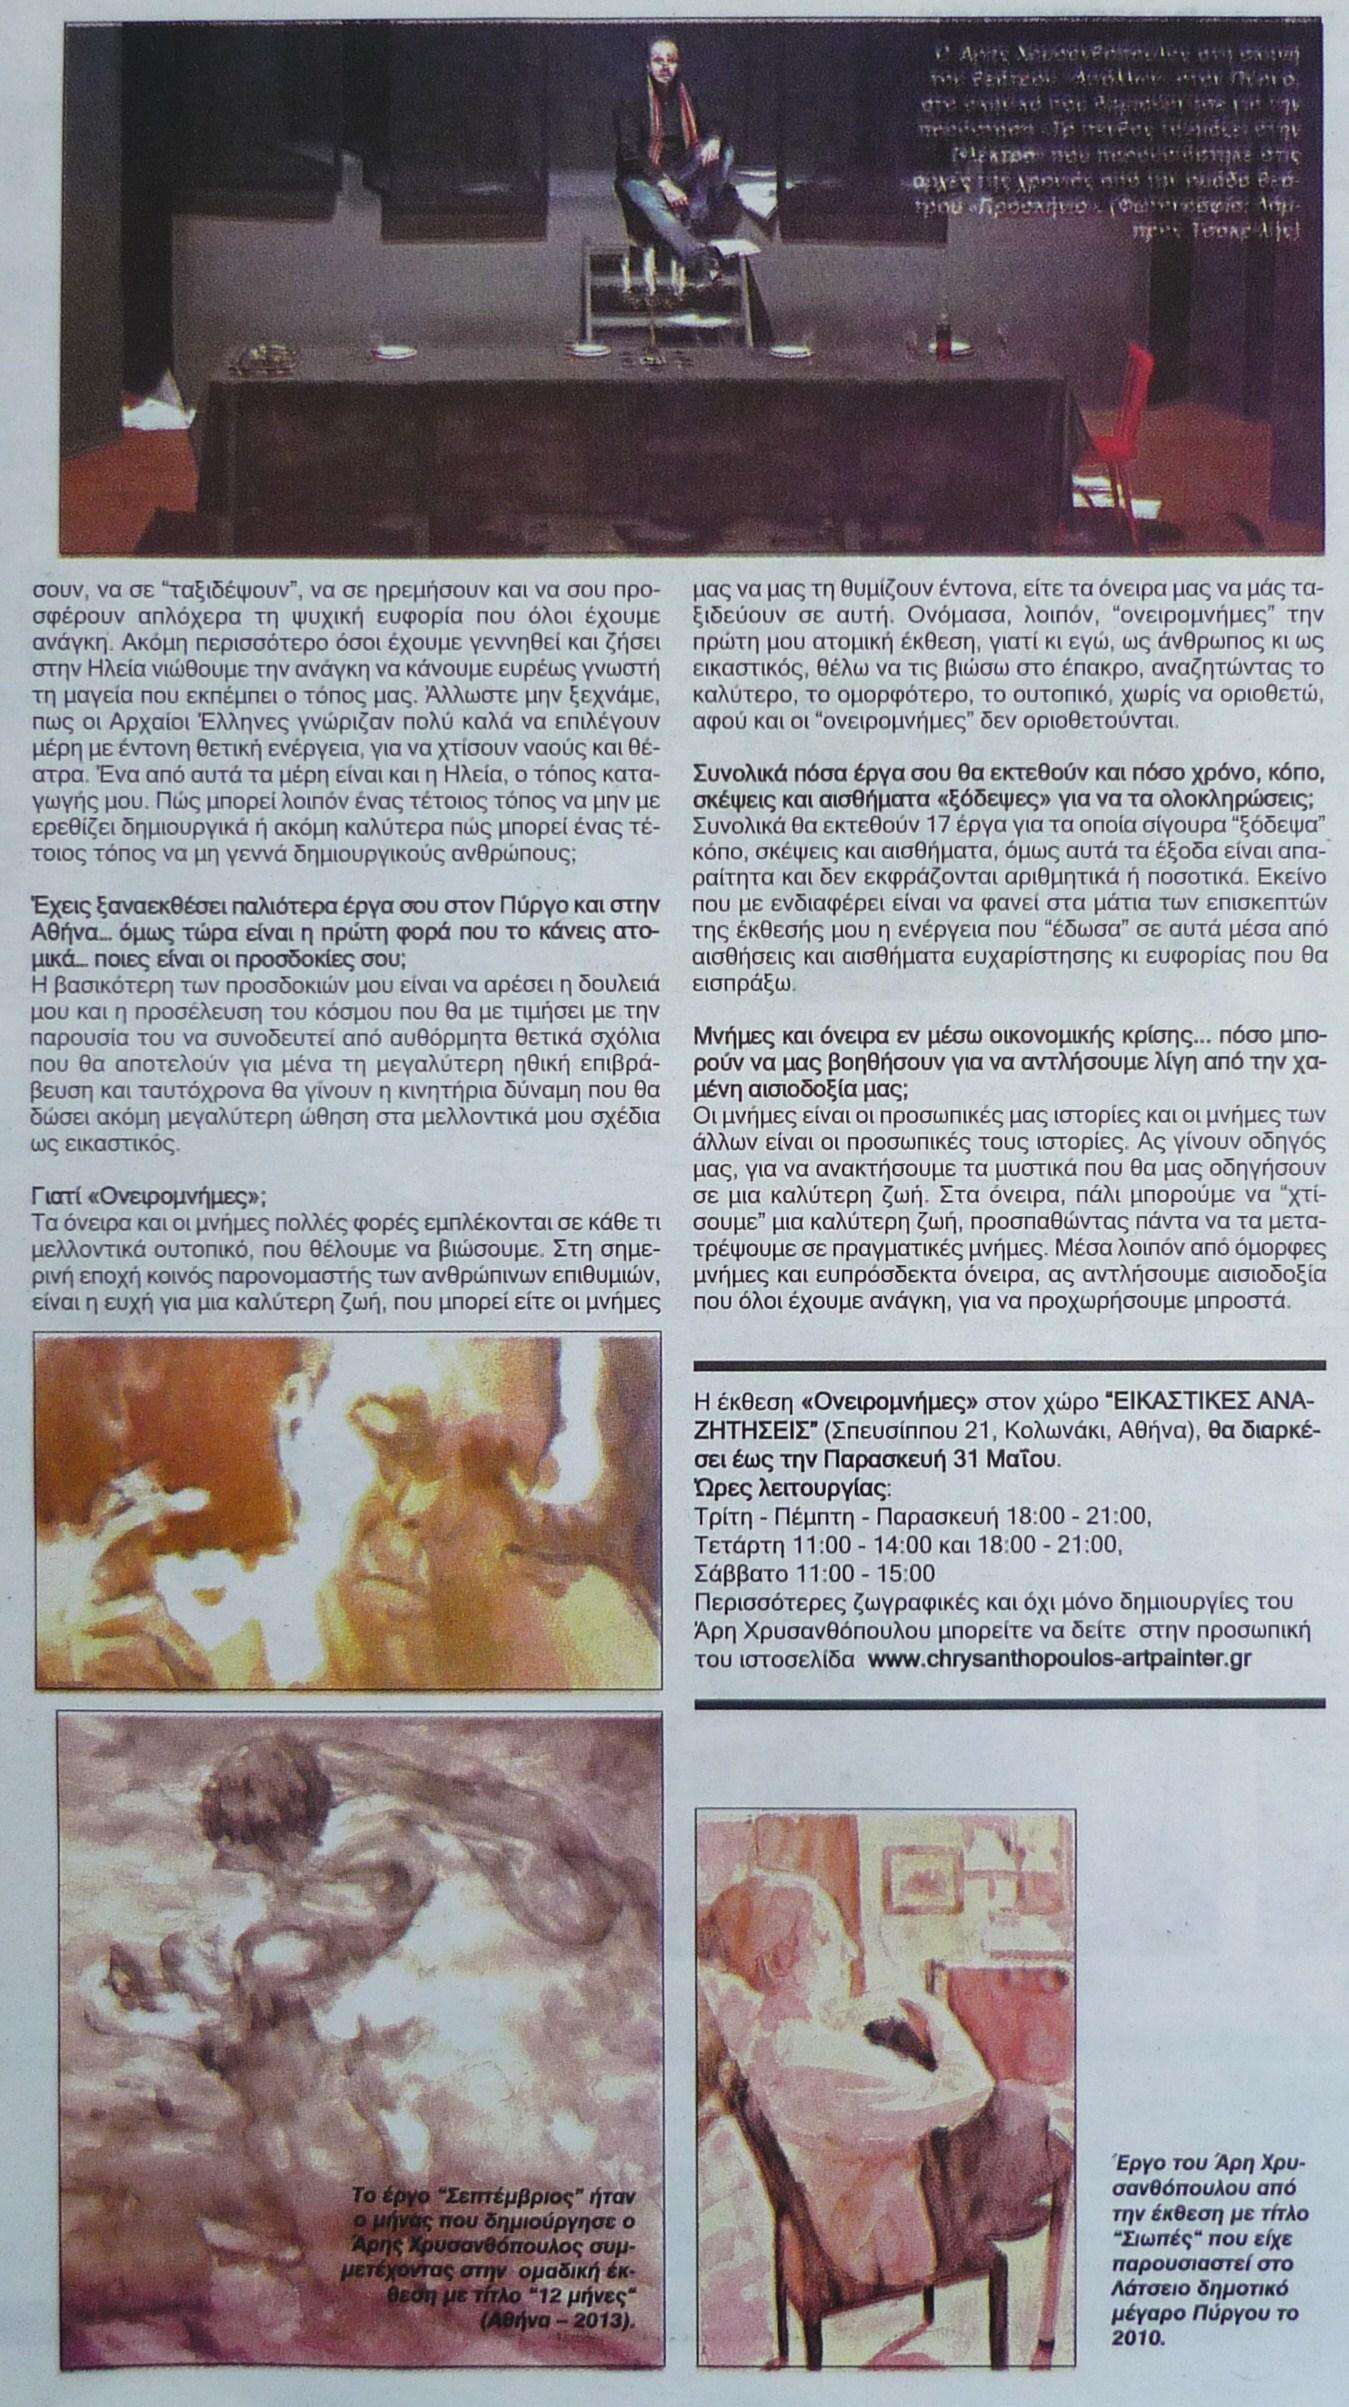 Εφημερίδα ΠΑΤΡΙΣ, 04-05-2013 (2)